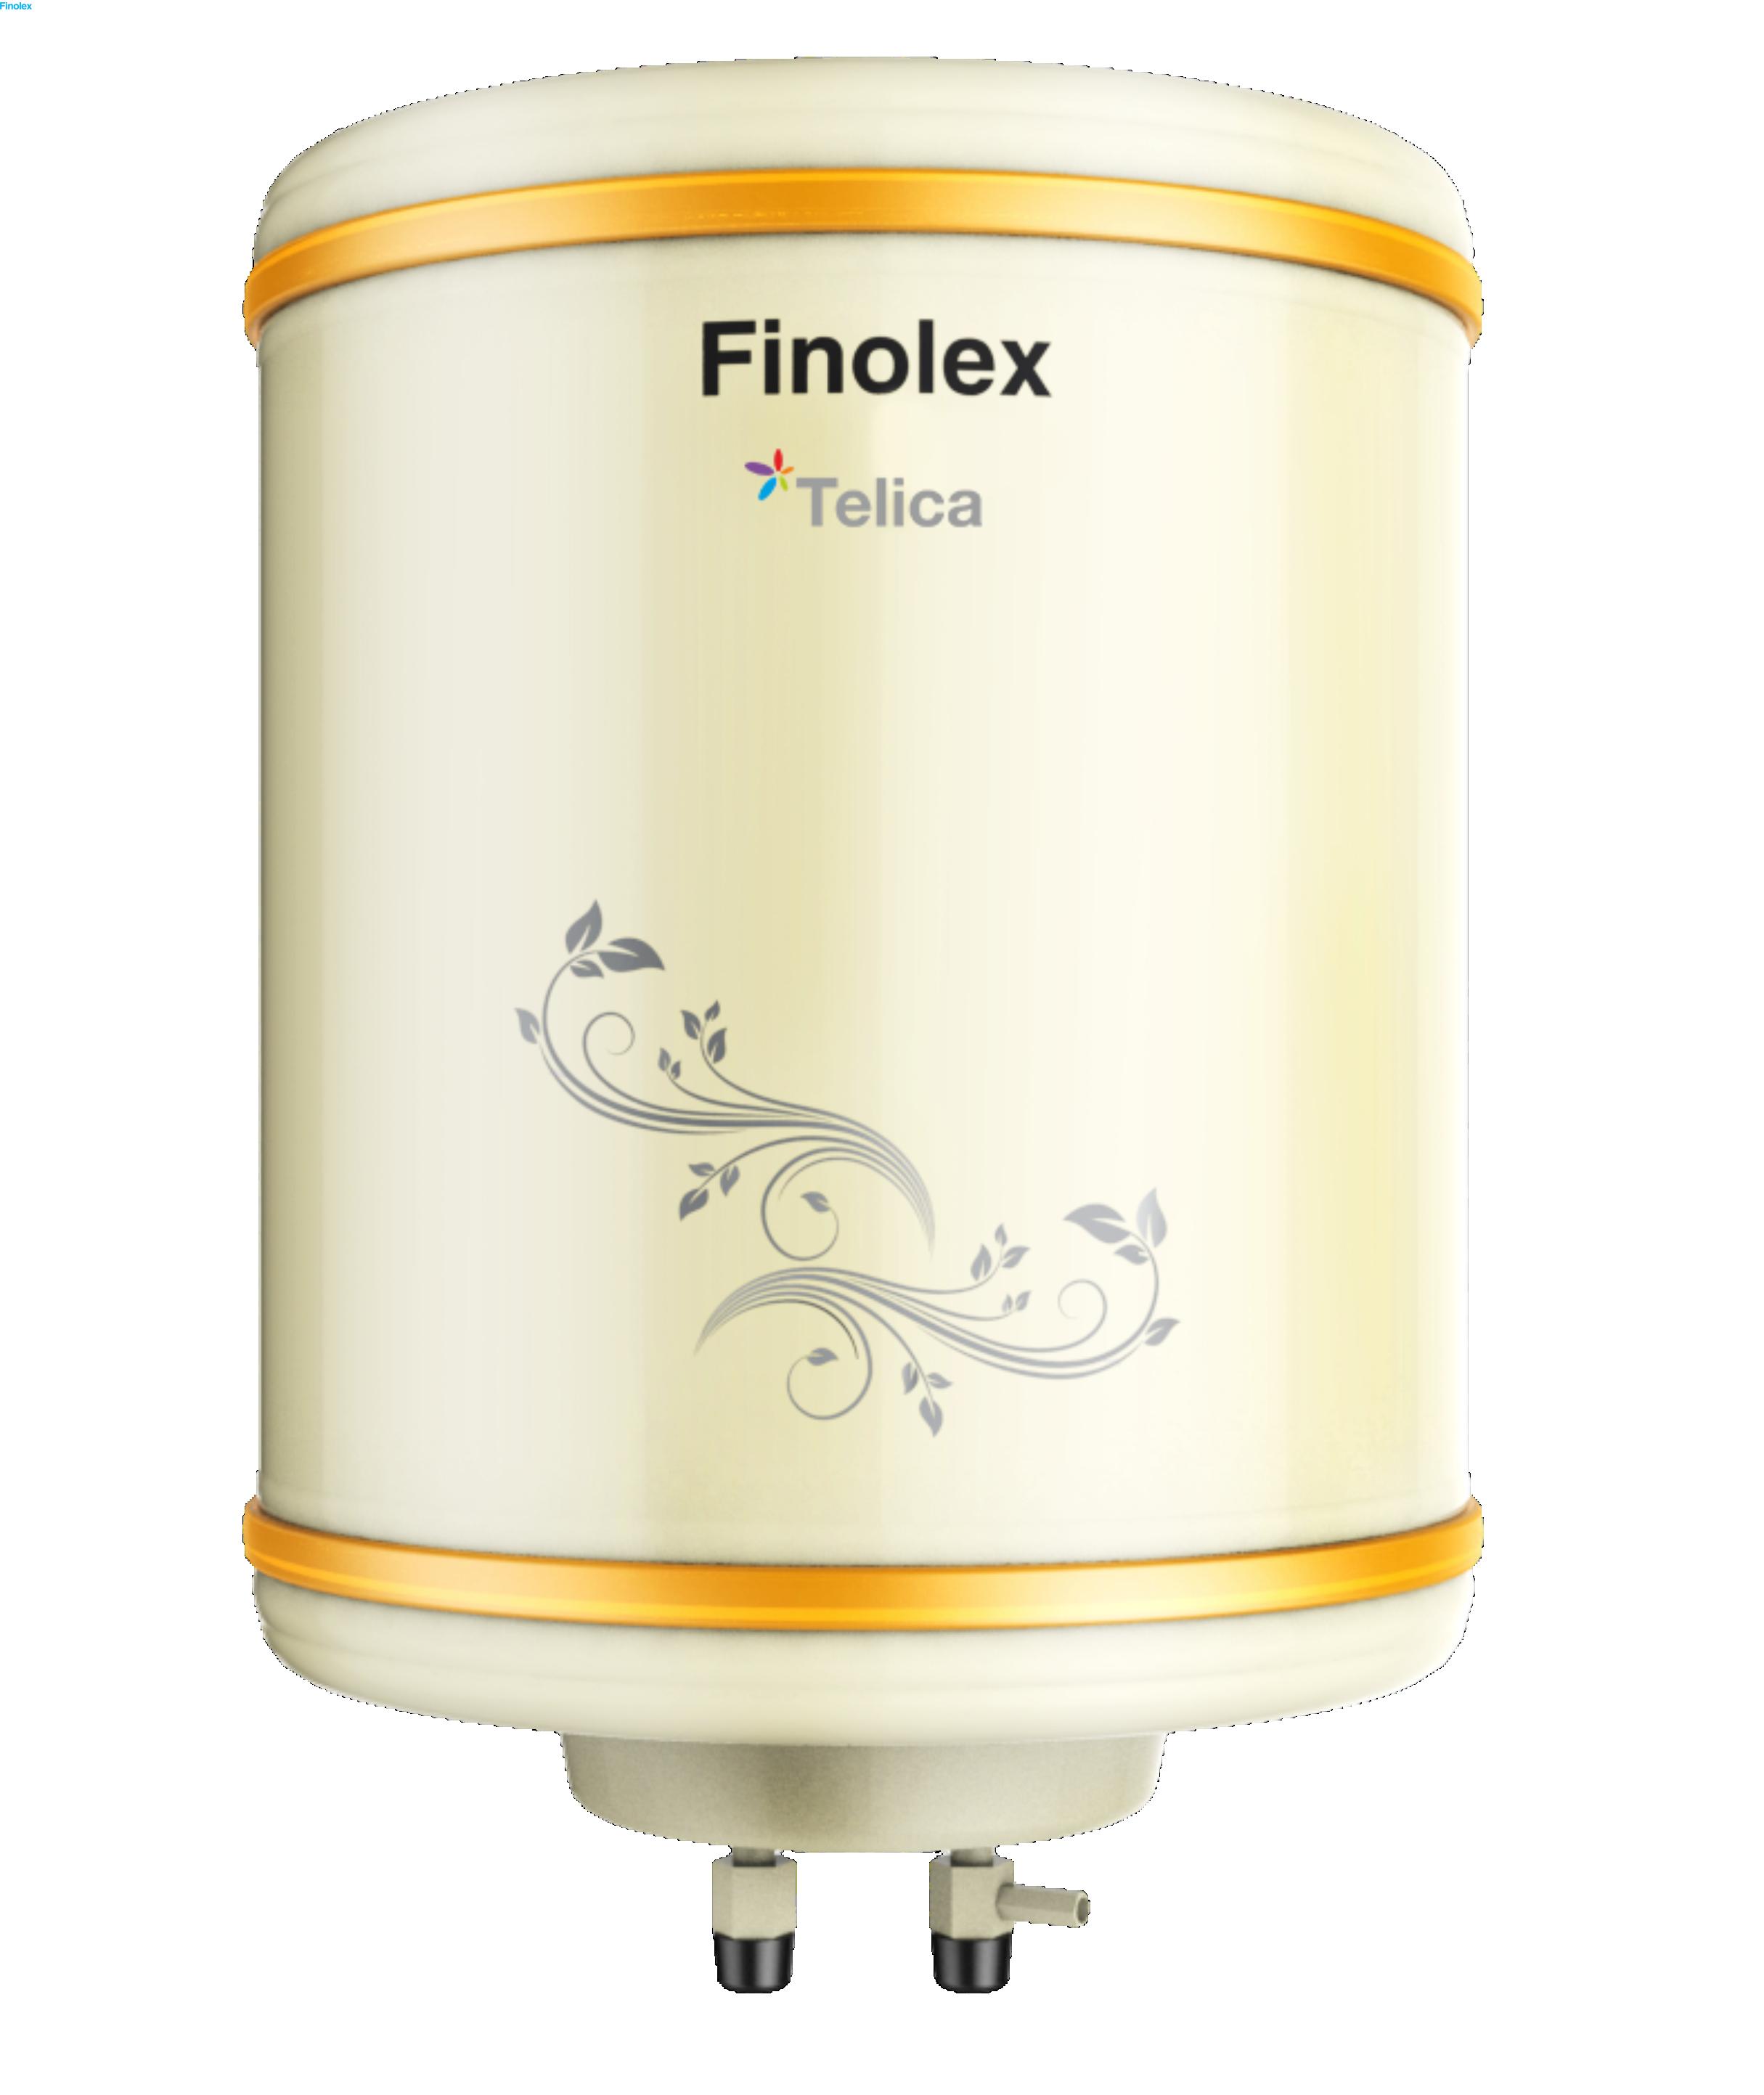 FINOLEX STORAGE WATER HEATER TELICA IVORY 15 LTR 2KW